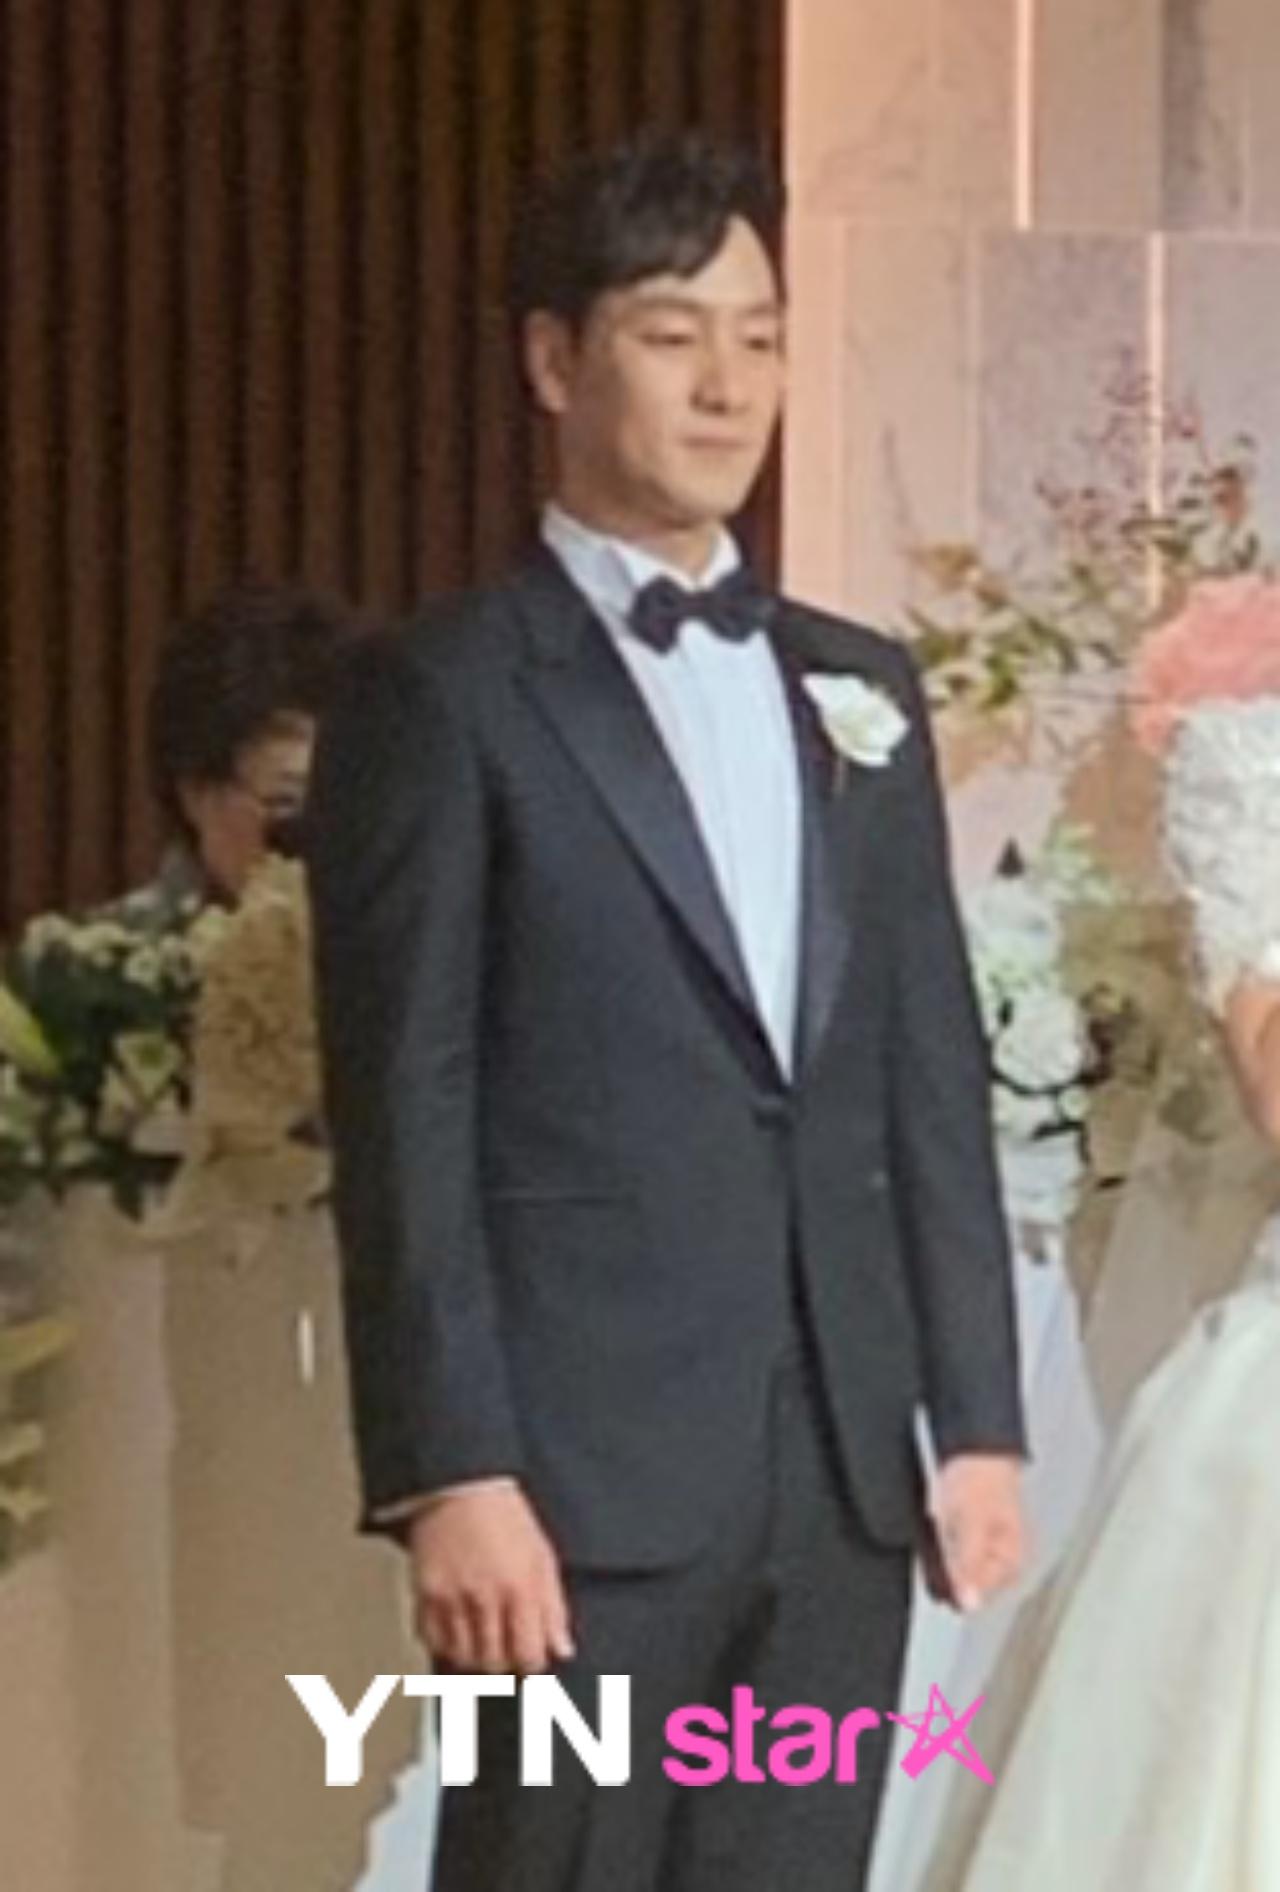 박해수, 장가 가는날...'슬빵' 정해인·크리스탈·정경호 해후